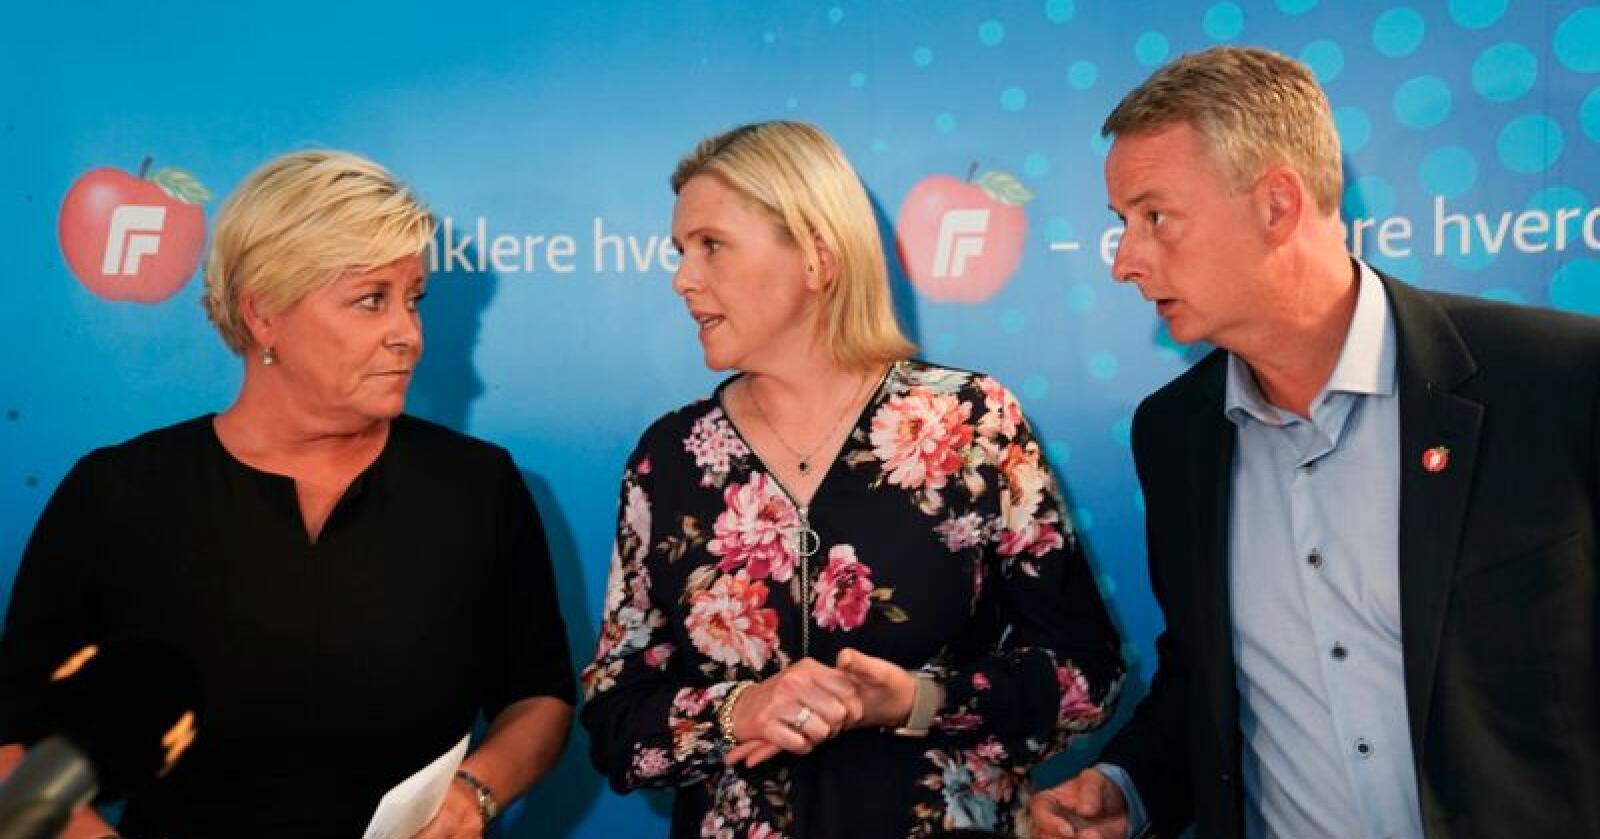 Frp-leder Siv Jensen (t.v.) møtte pressen sammen med nestlederne Sylvi Listhaug og Terje Søviknes etter det ekstraordinært landsstyremøtet om bompenger søndag. Foto: Heiko Junge / NTB scanpix